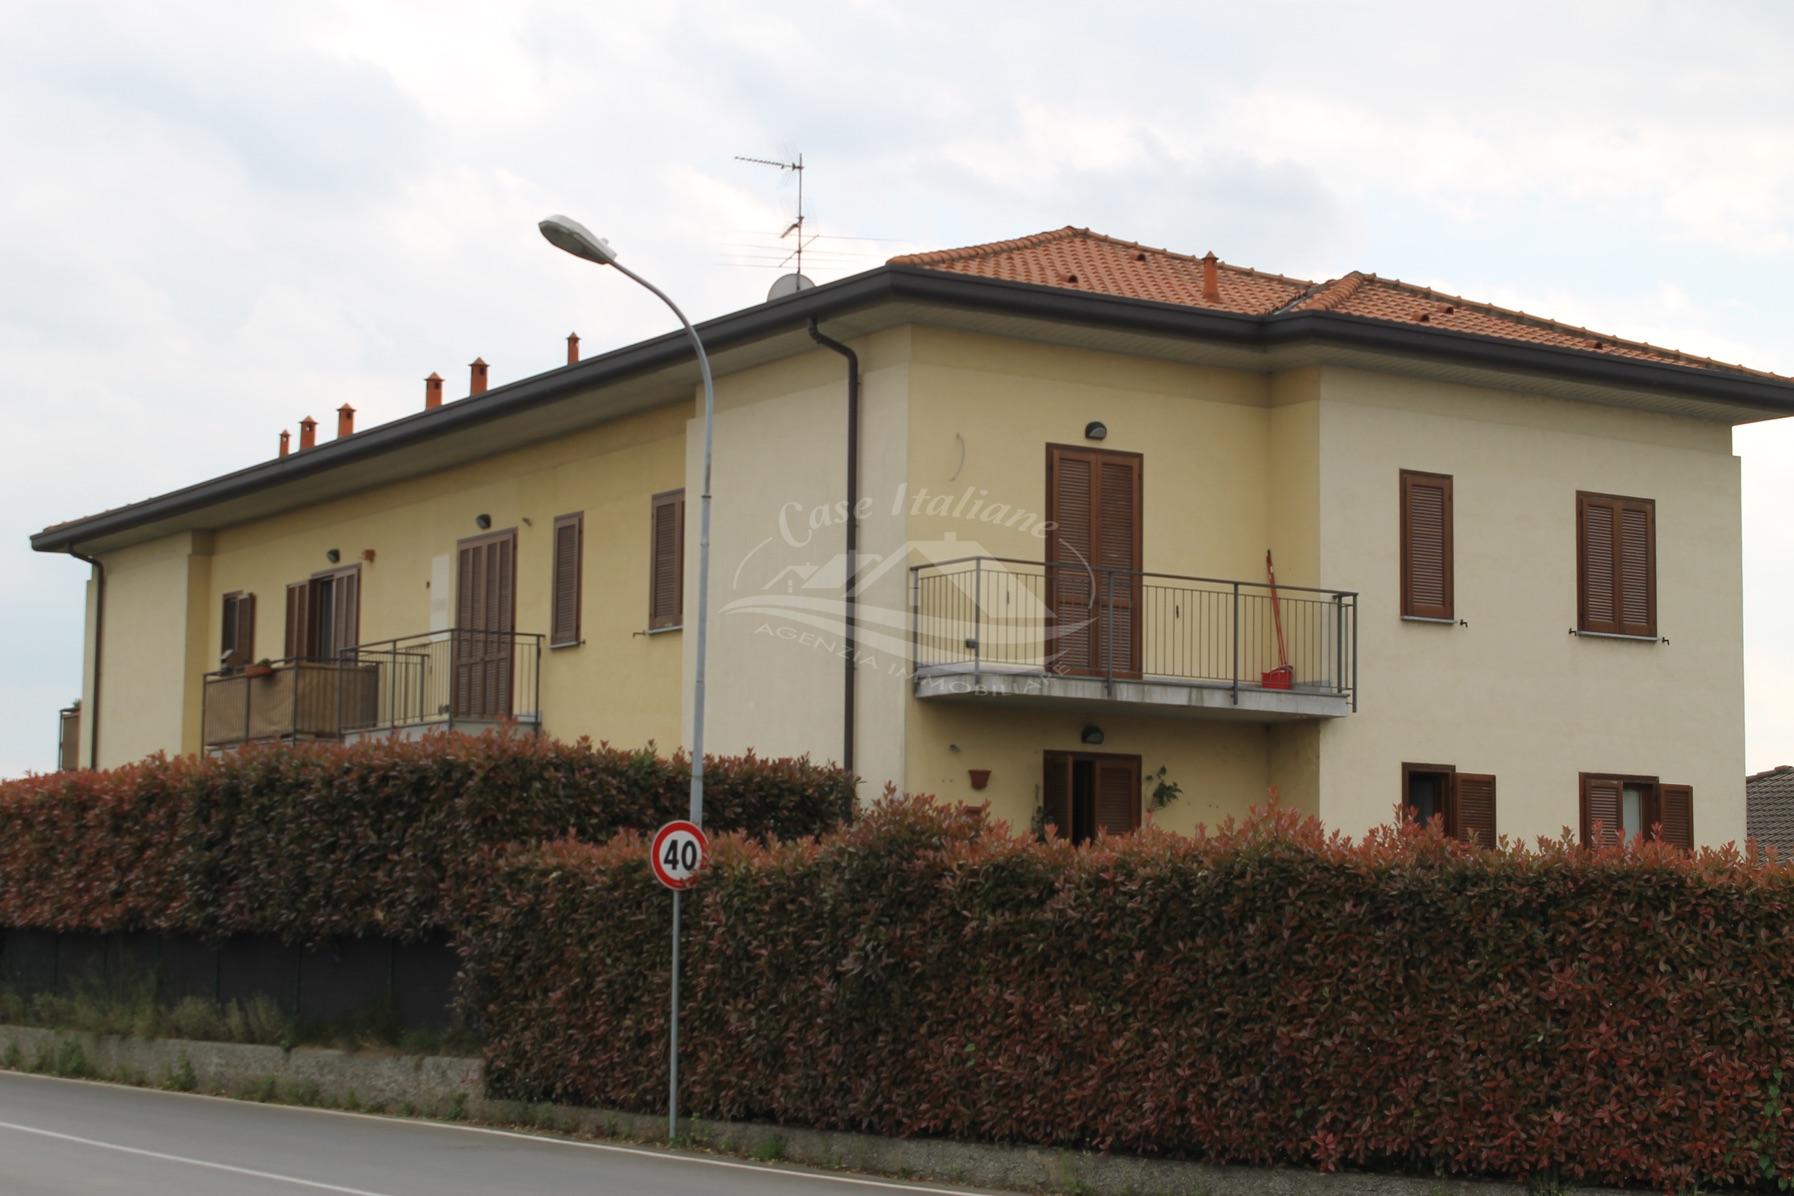 Foto immobili 3063 case italiane agenzia immobiliare cant for Case italiane immobiliare